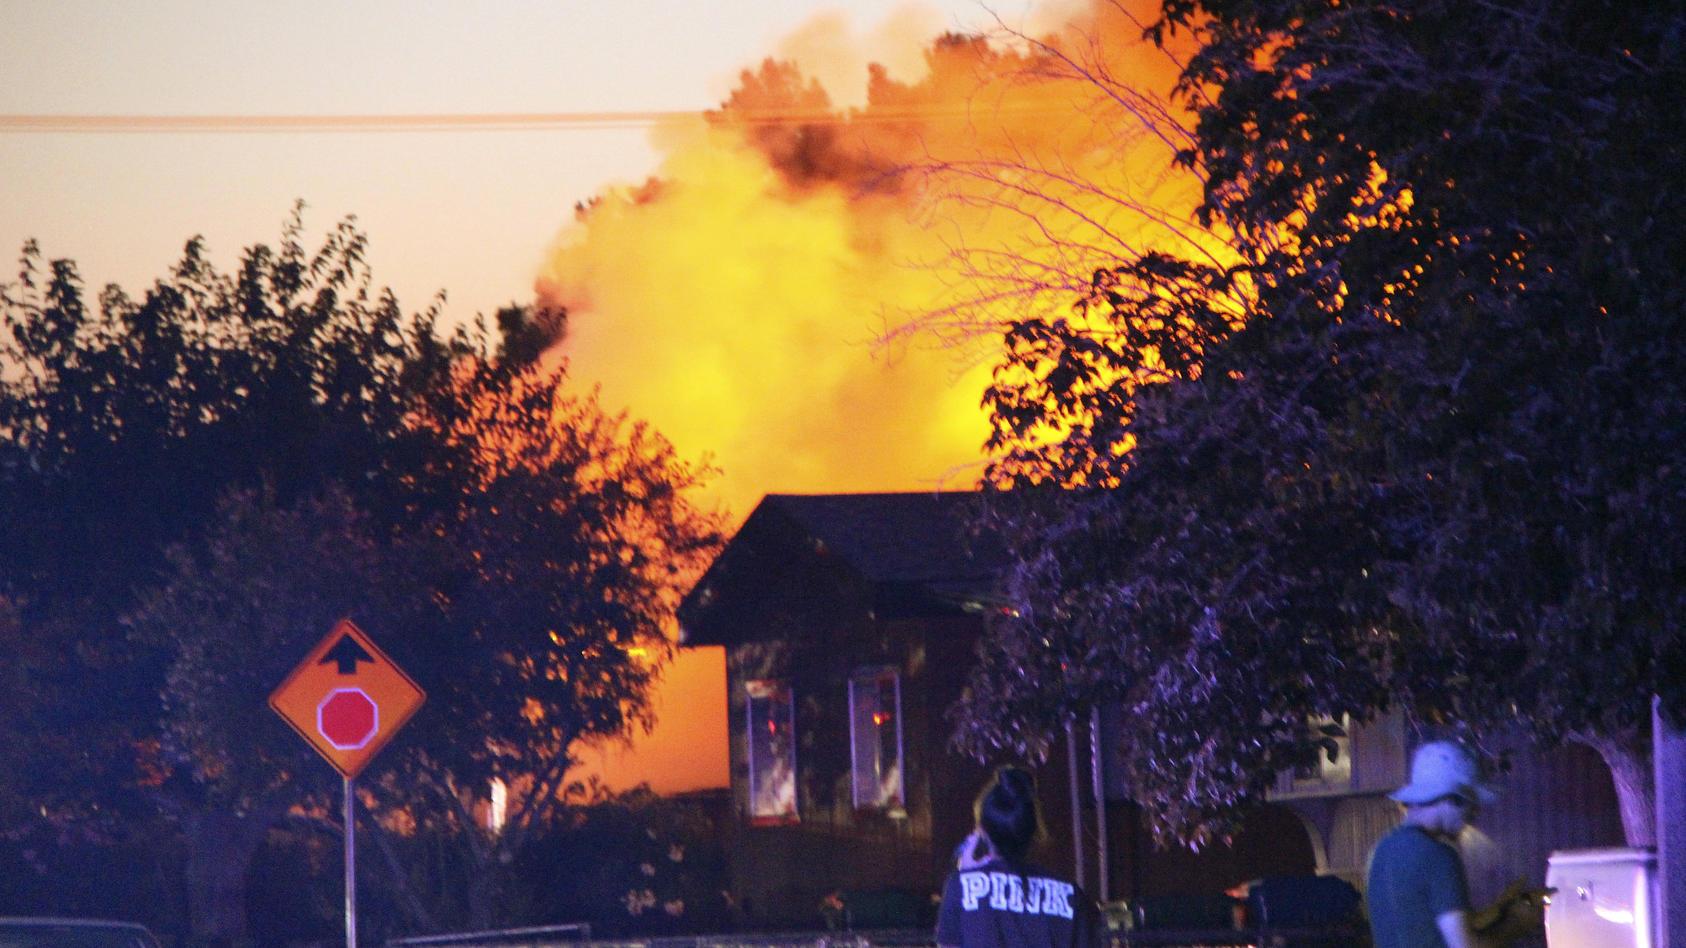 Bei dem heftigen Erdbeben in Kalifornien brachen mehrere Feuer aus.